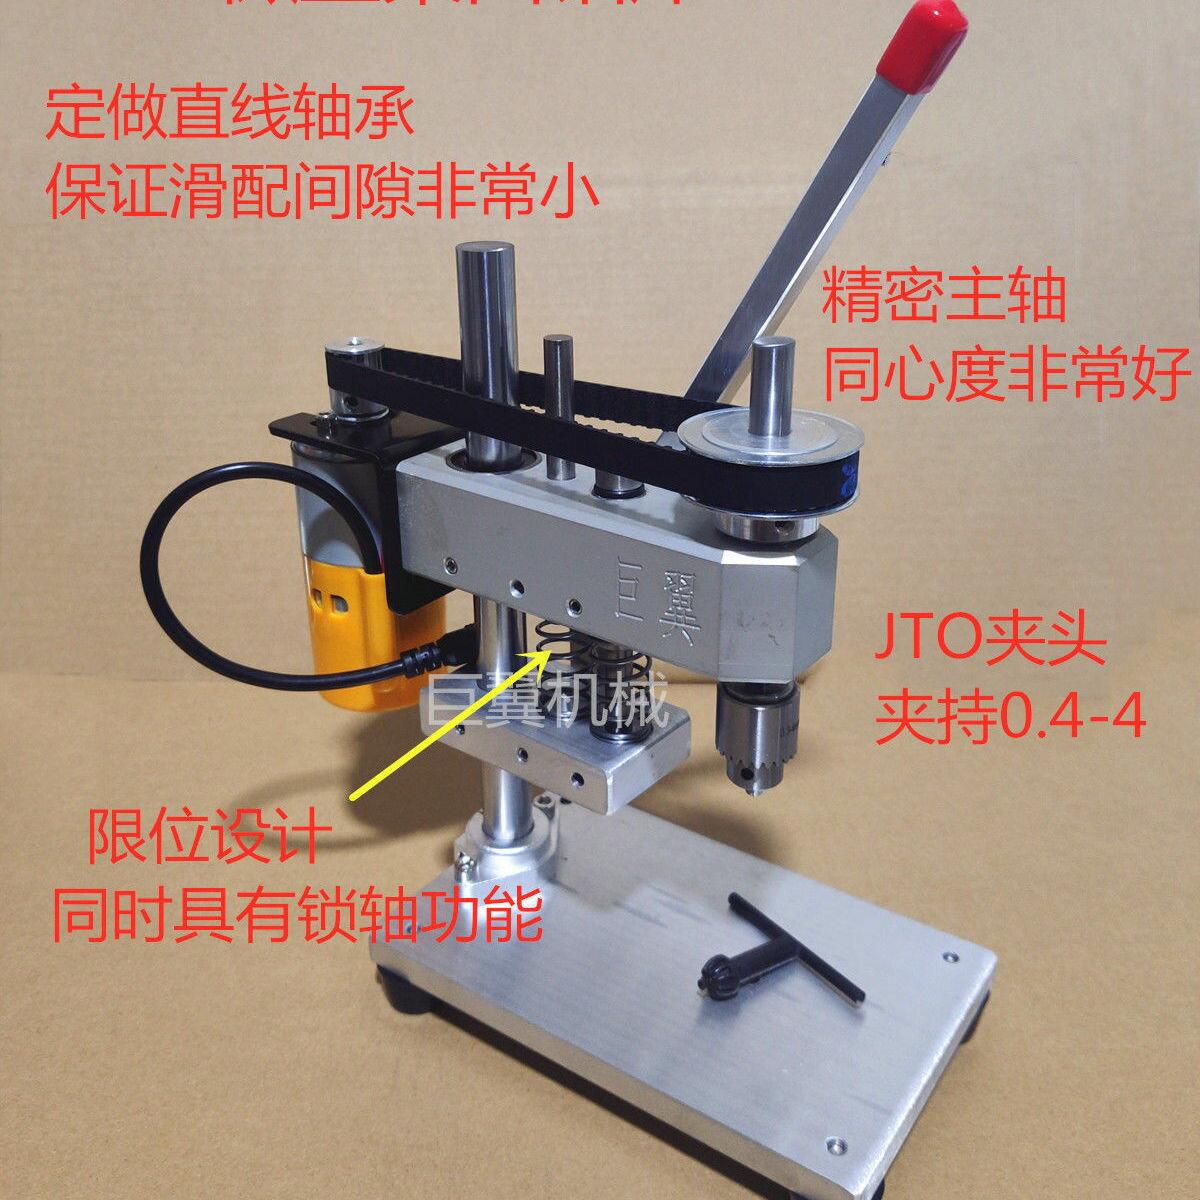 巨翼機械微型鉆銑一體機家用迷你鉆床桌面臺鉆銑方孔手工DIY修表